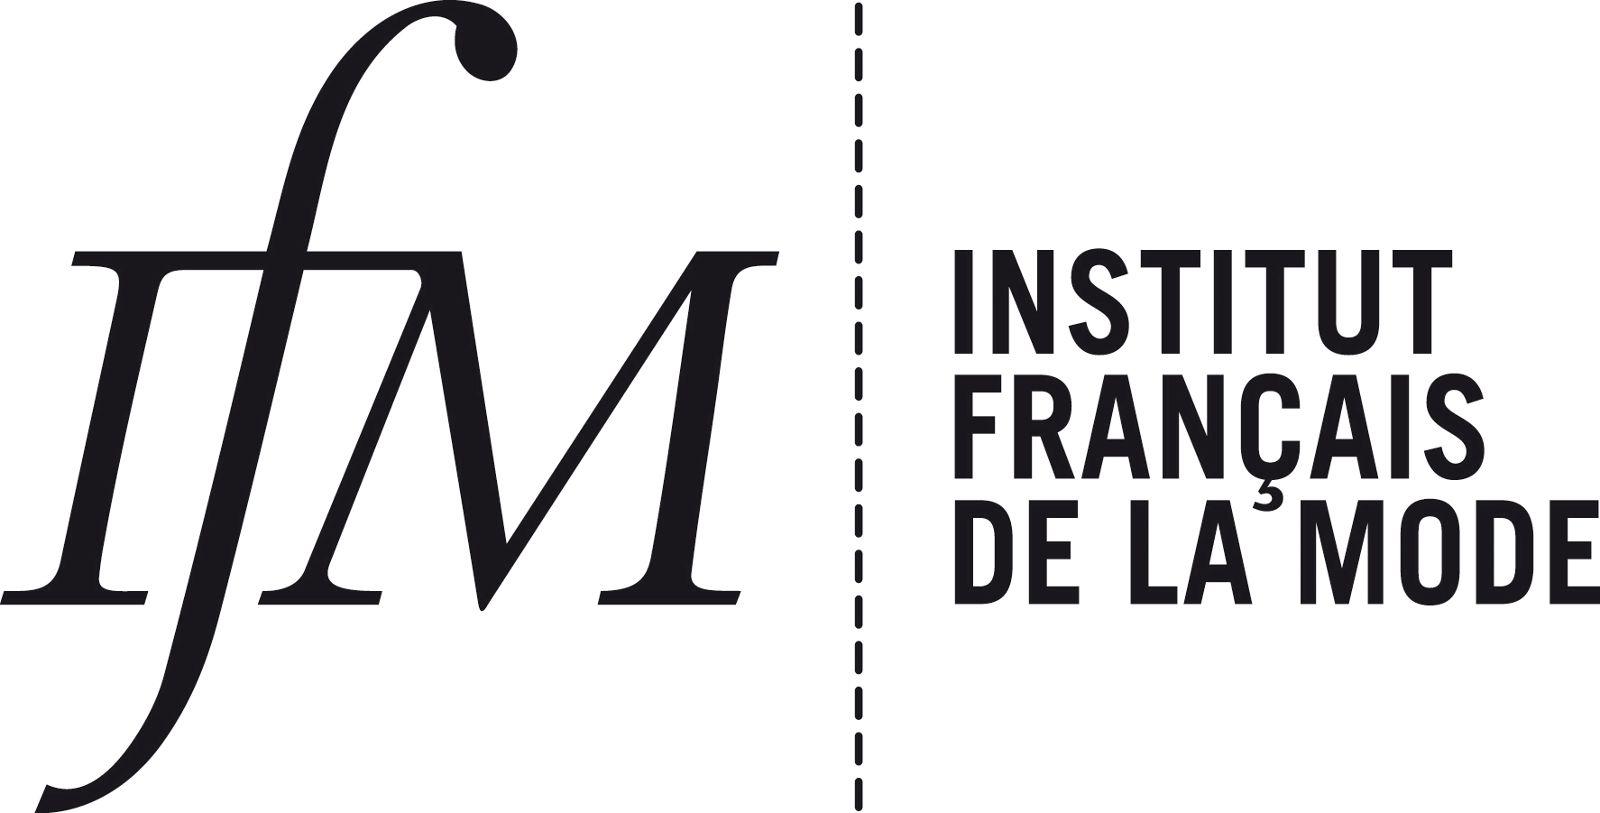 Deux établissements se réunissent pour former une seule et même école de mode parisienne